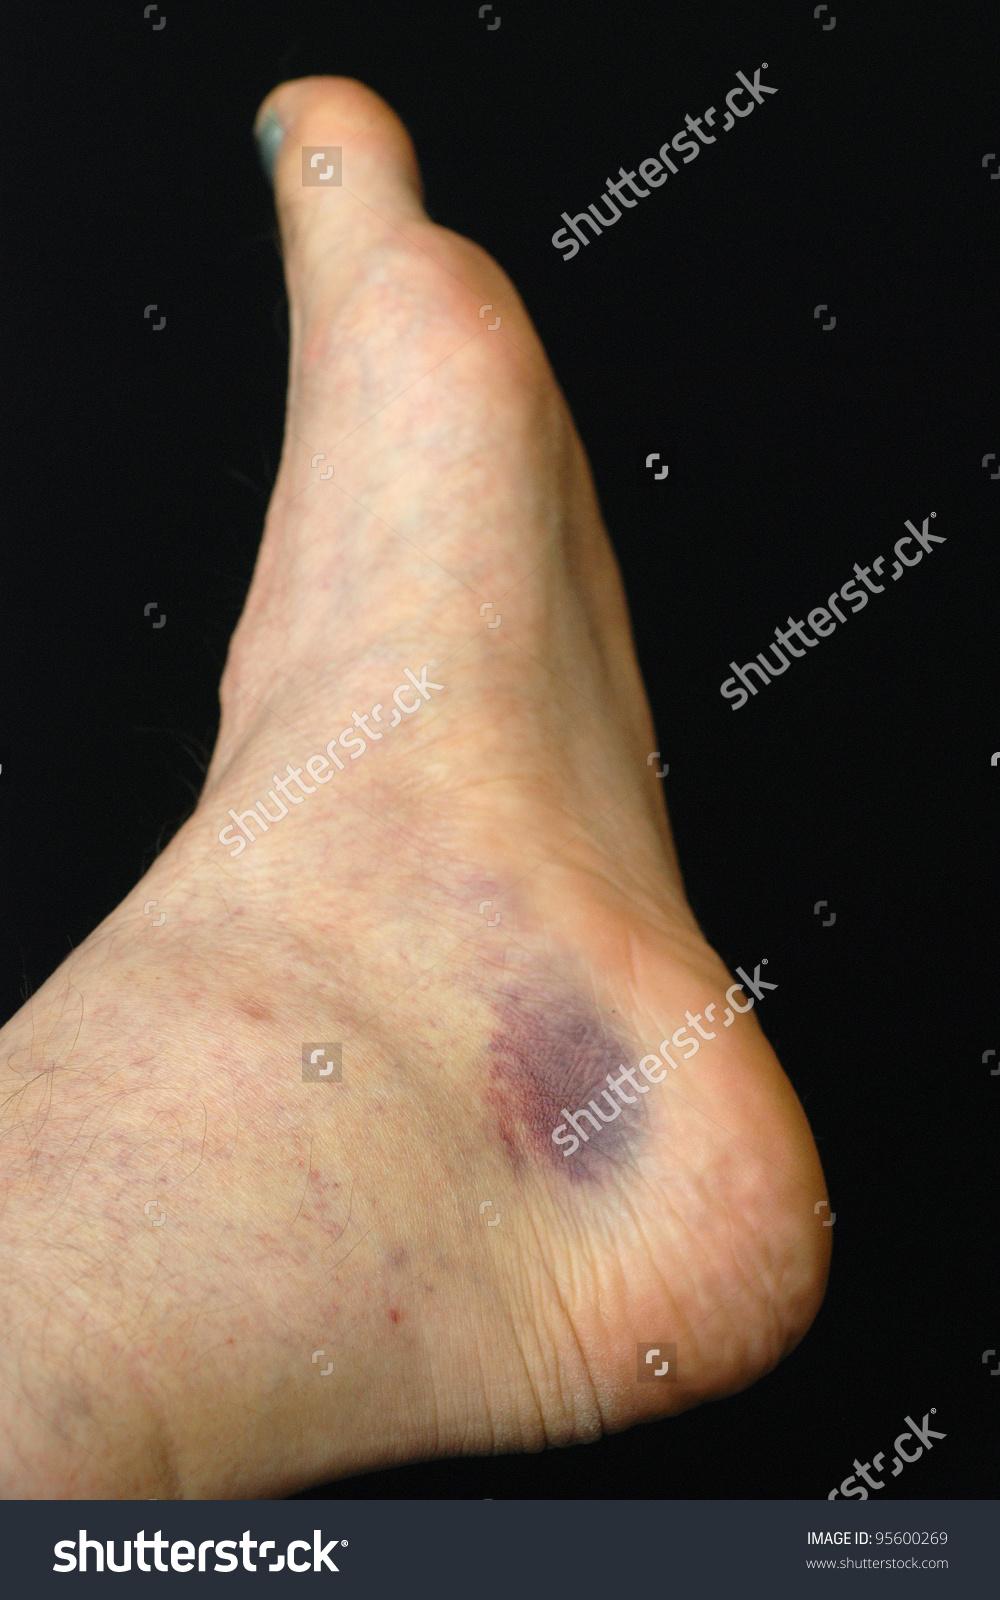 Hematoma Foot Stock Photo 95600269.